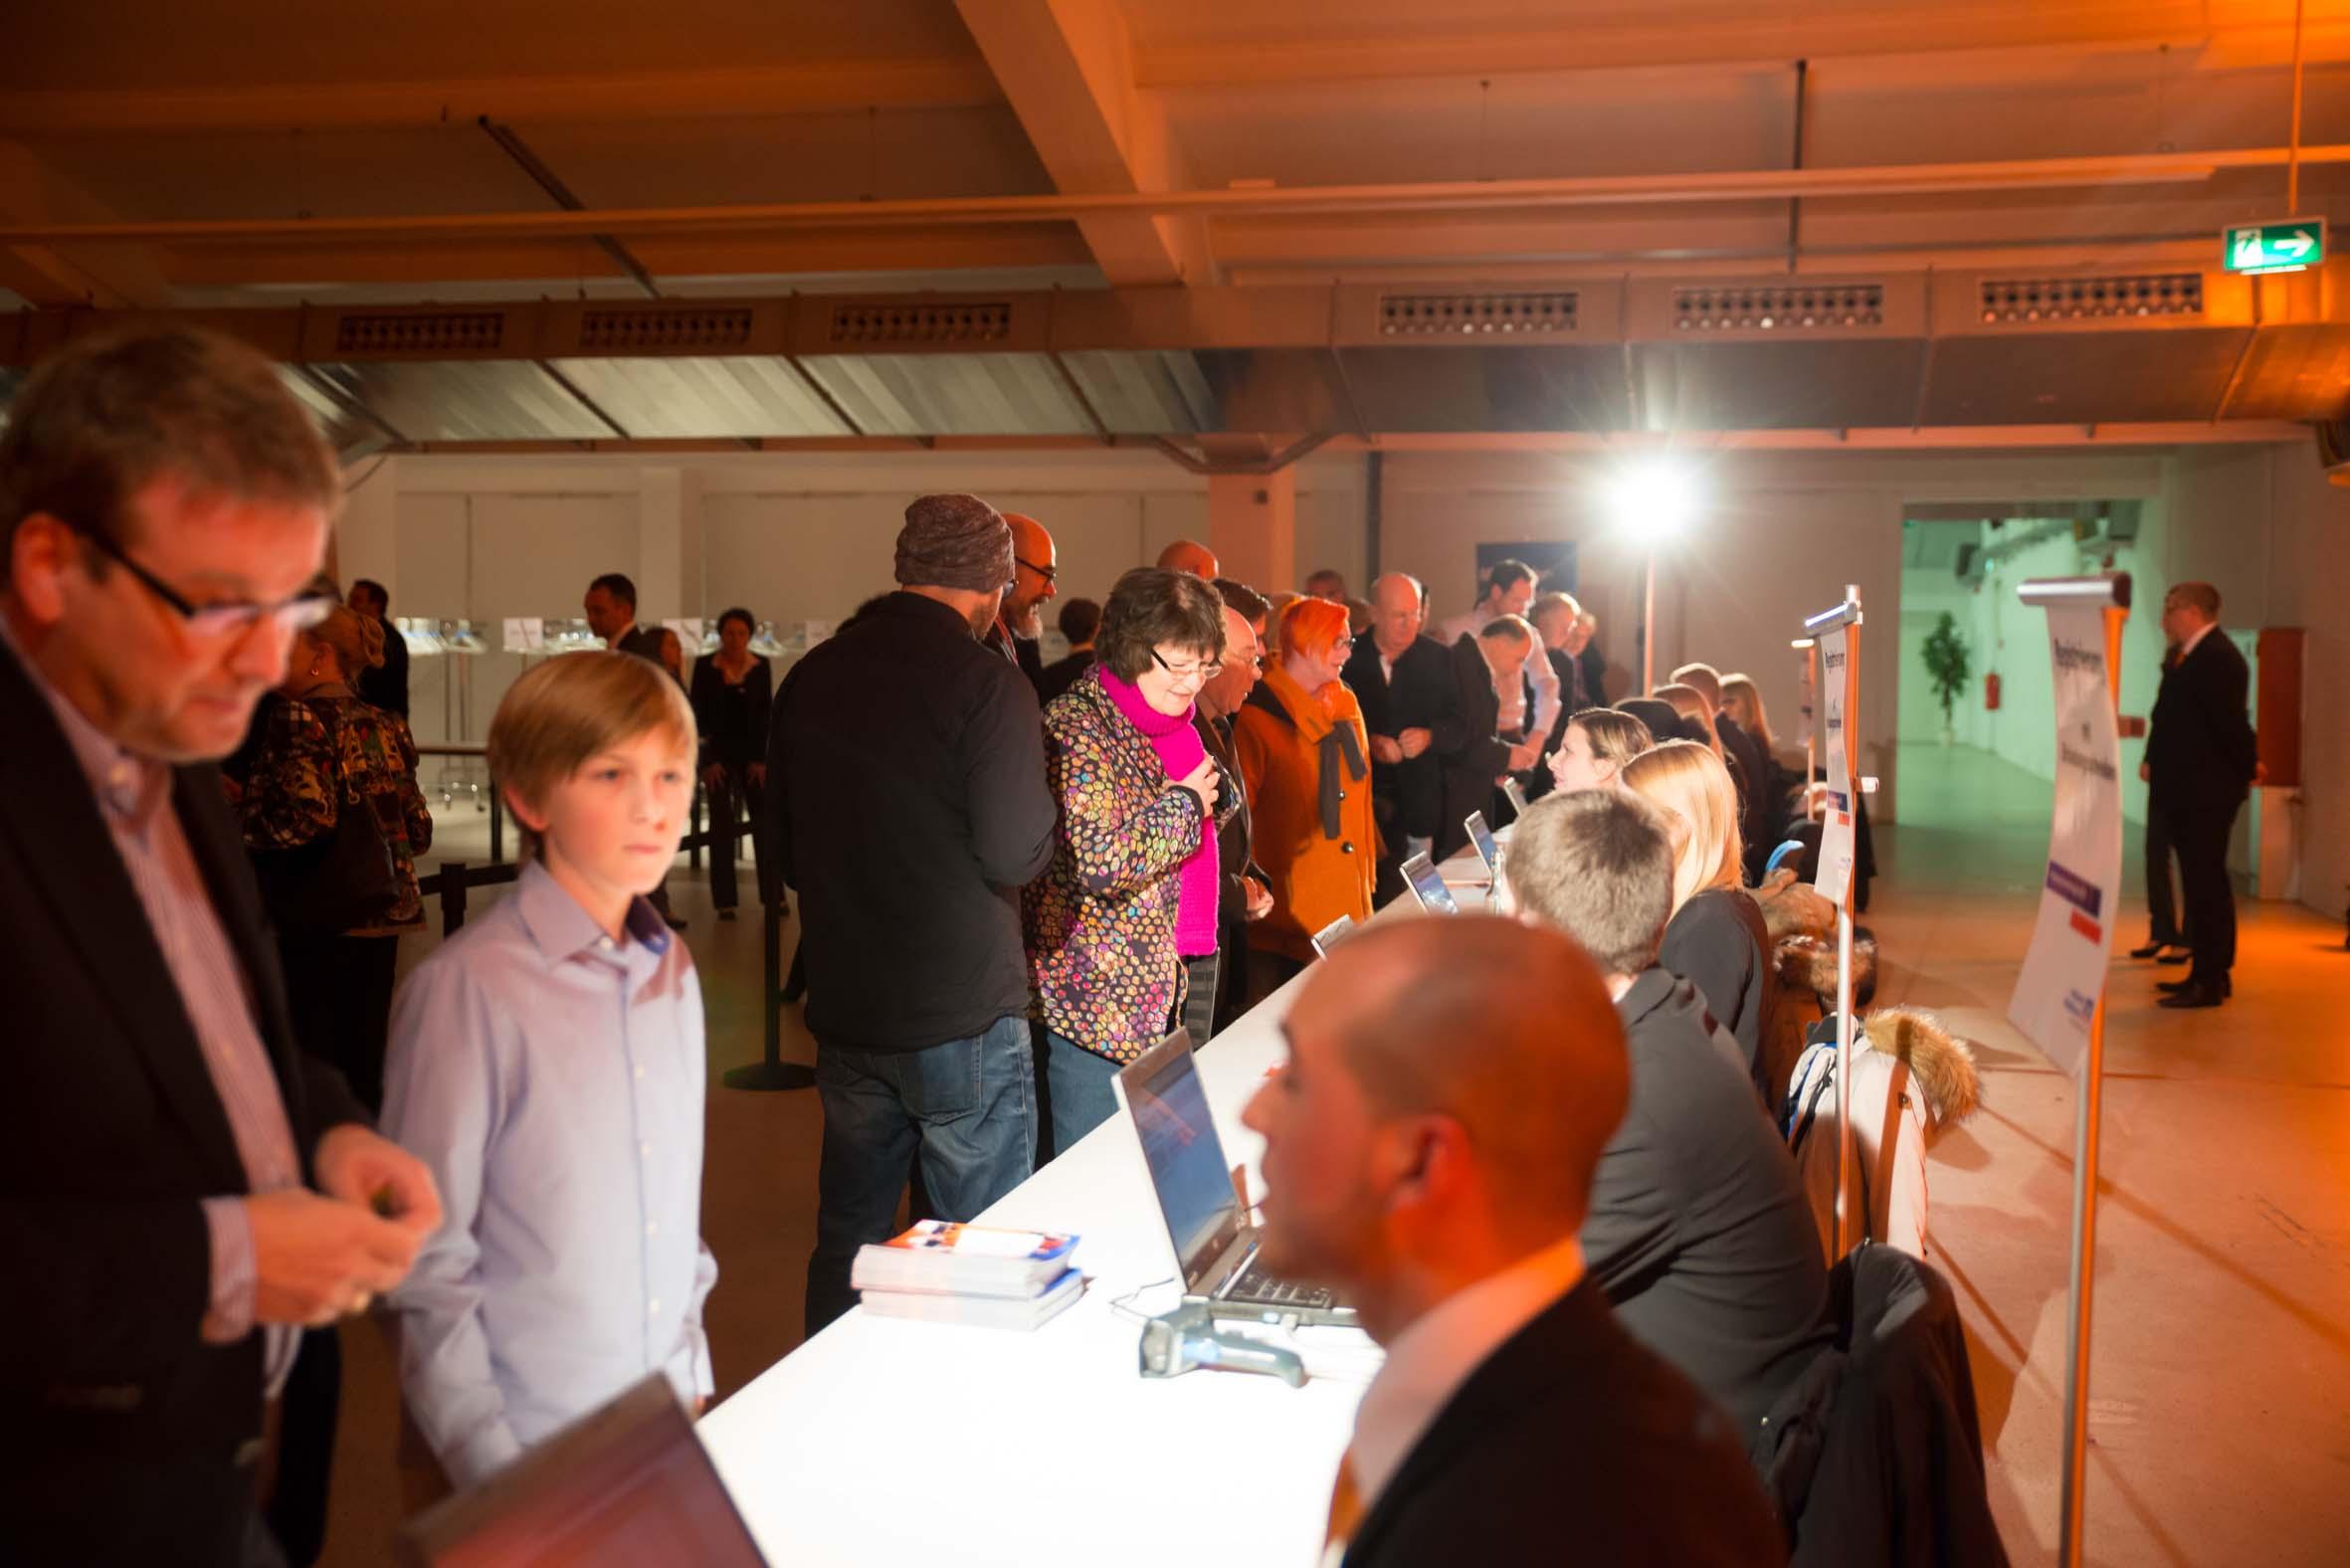 Bildergalerie Mitgliederversammlung 2015 in Gießen, Bild 9